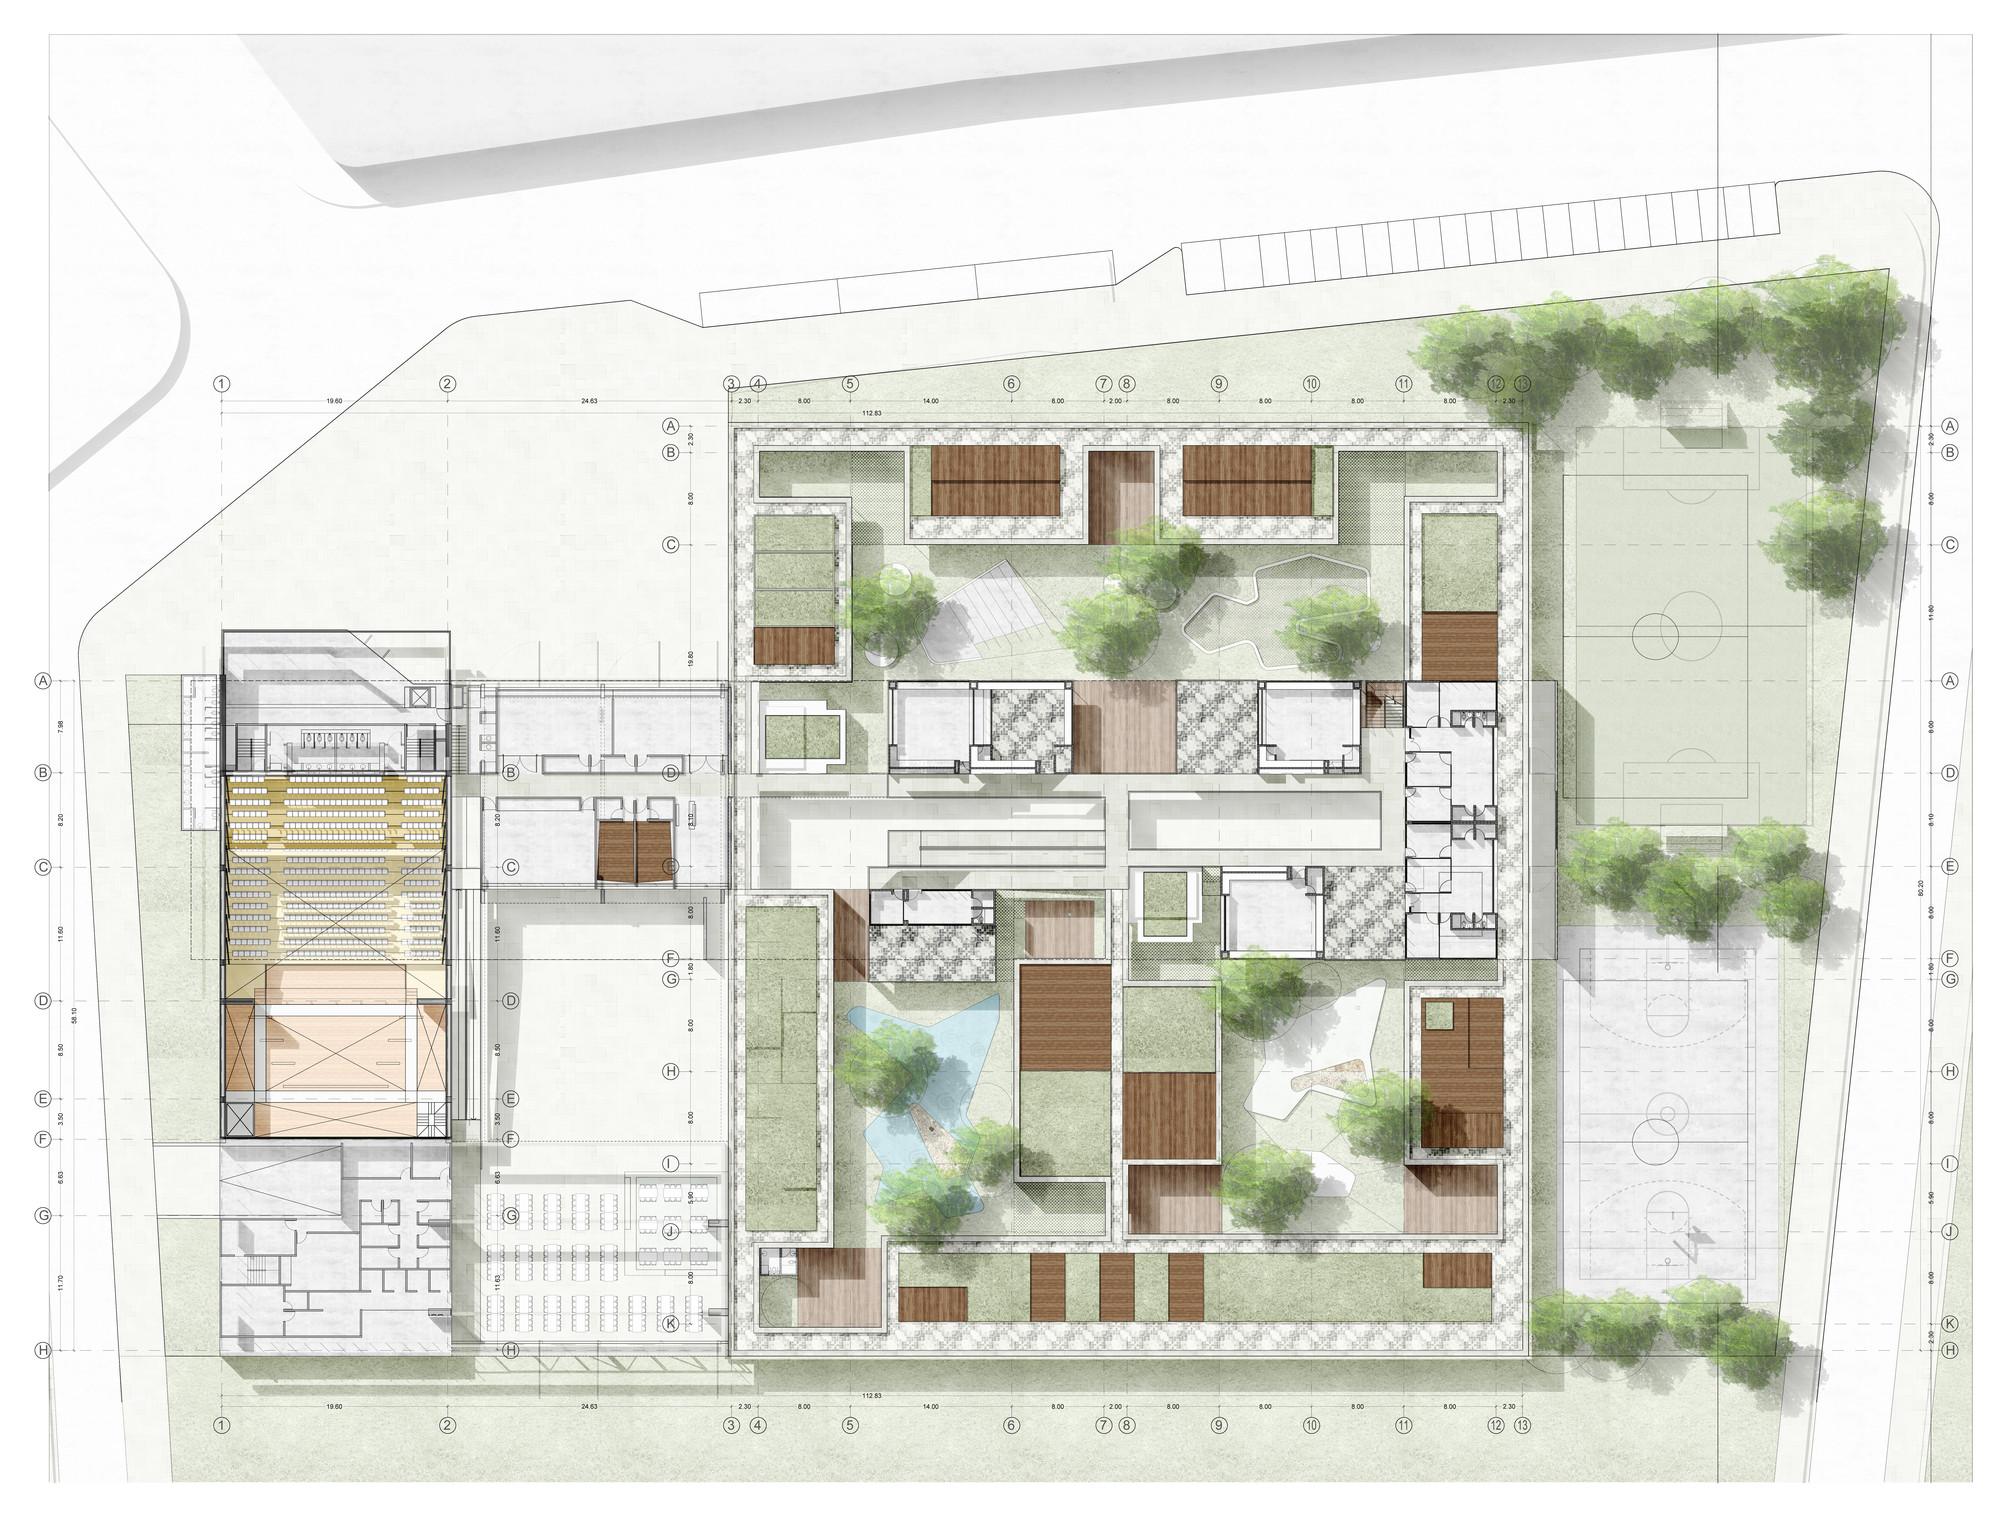 Galer a de primer lugar concurso para el dise o de for Plantas de colegios arquitectura